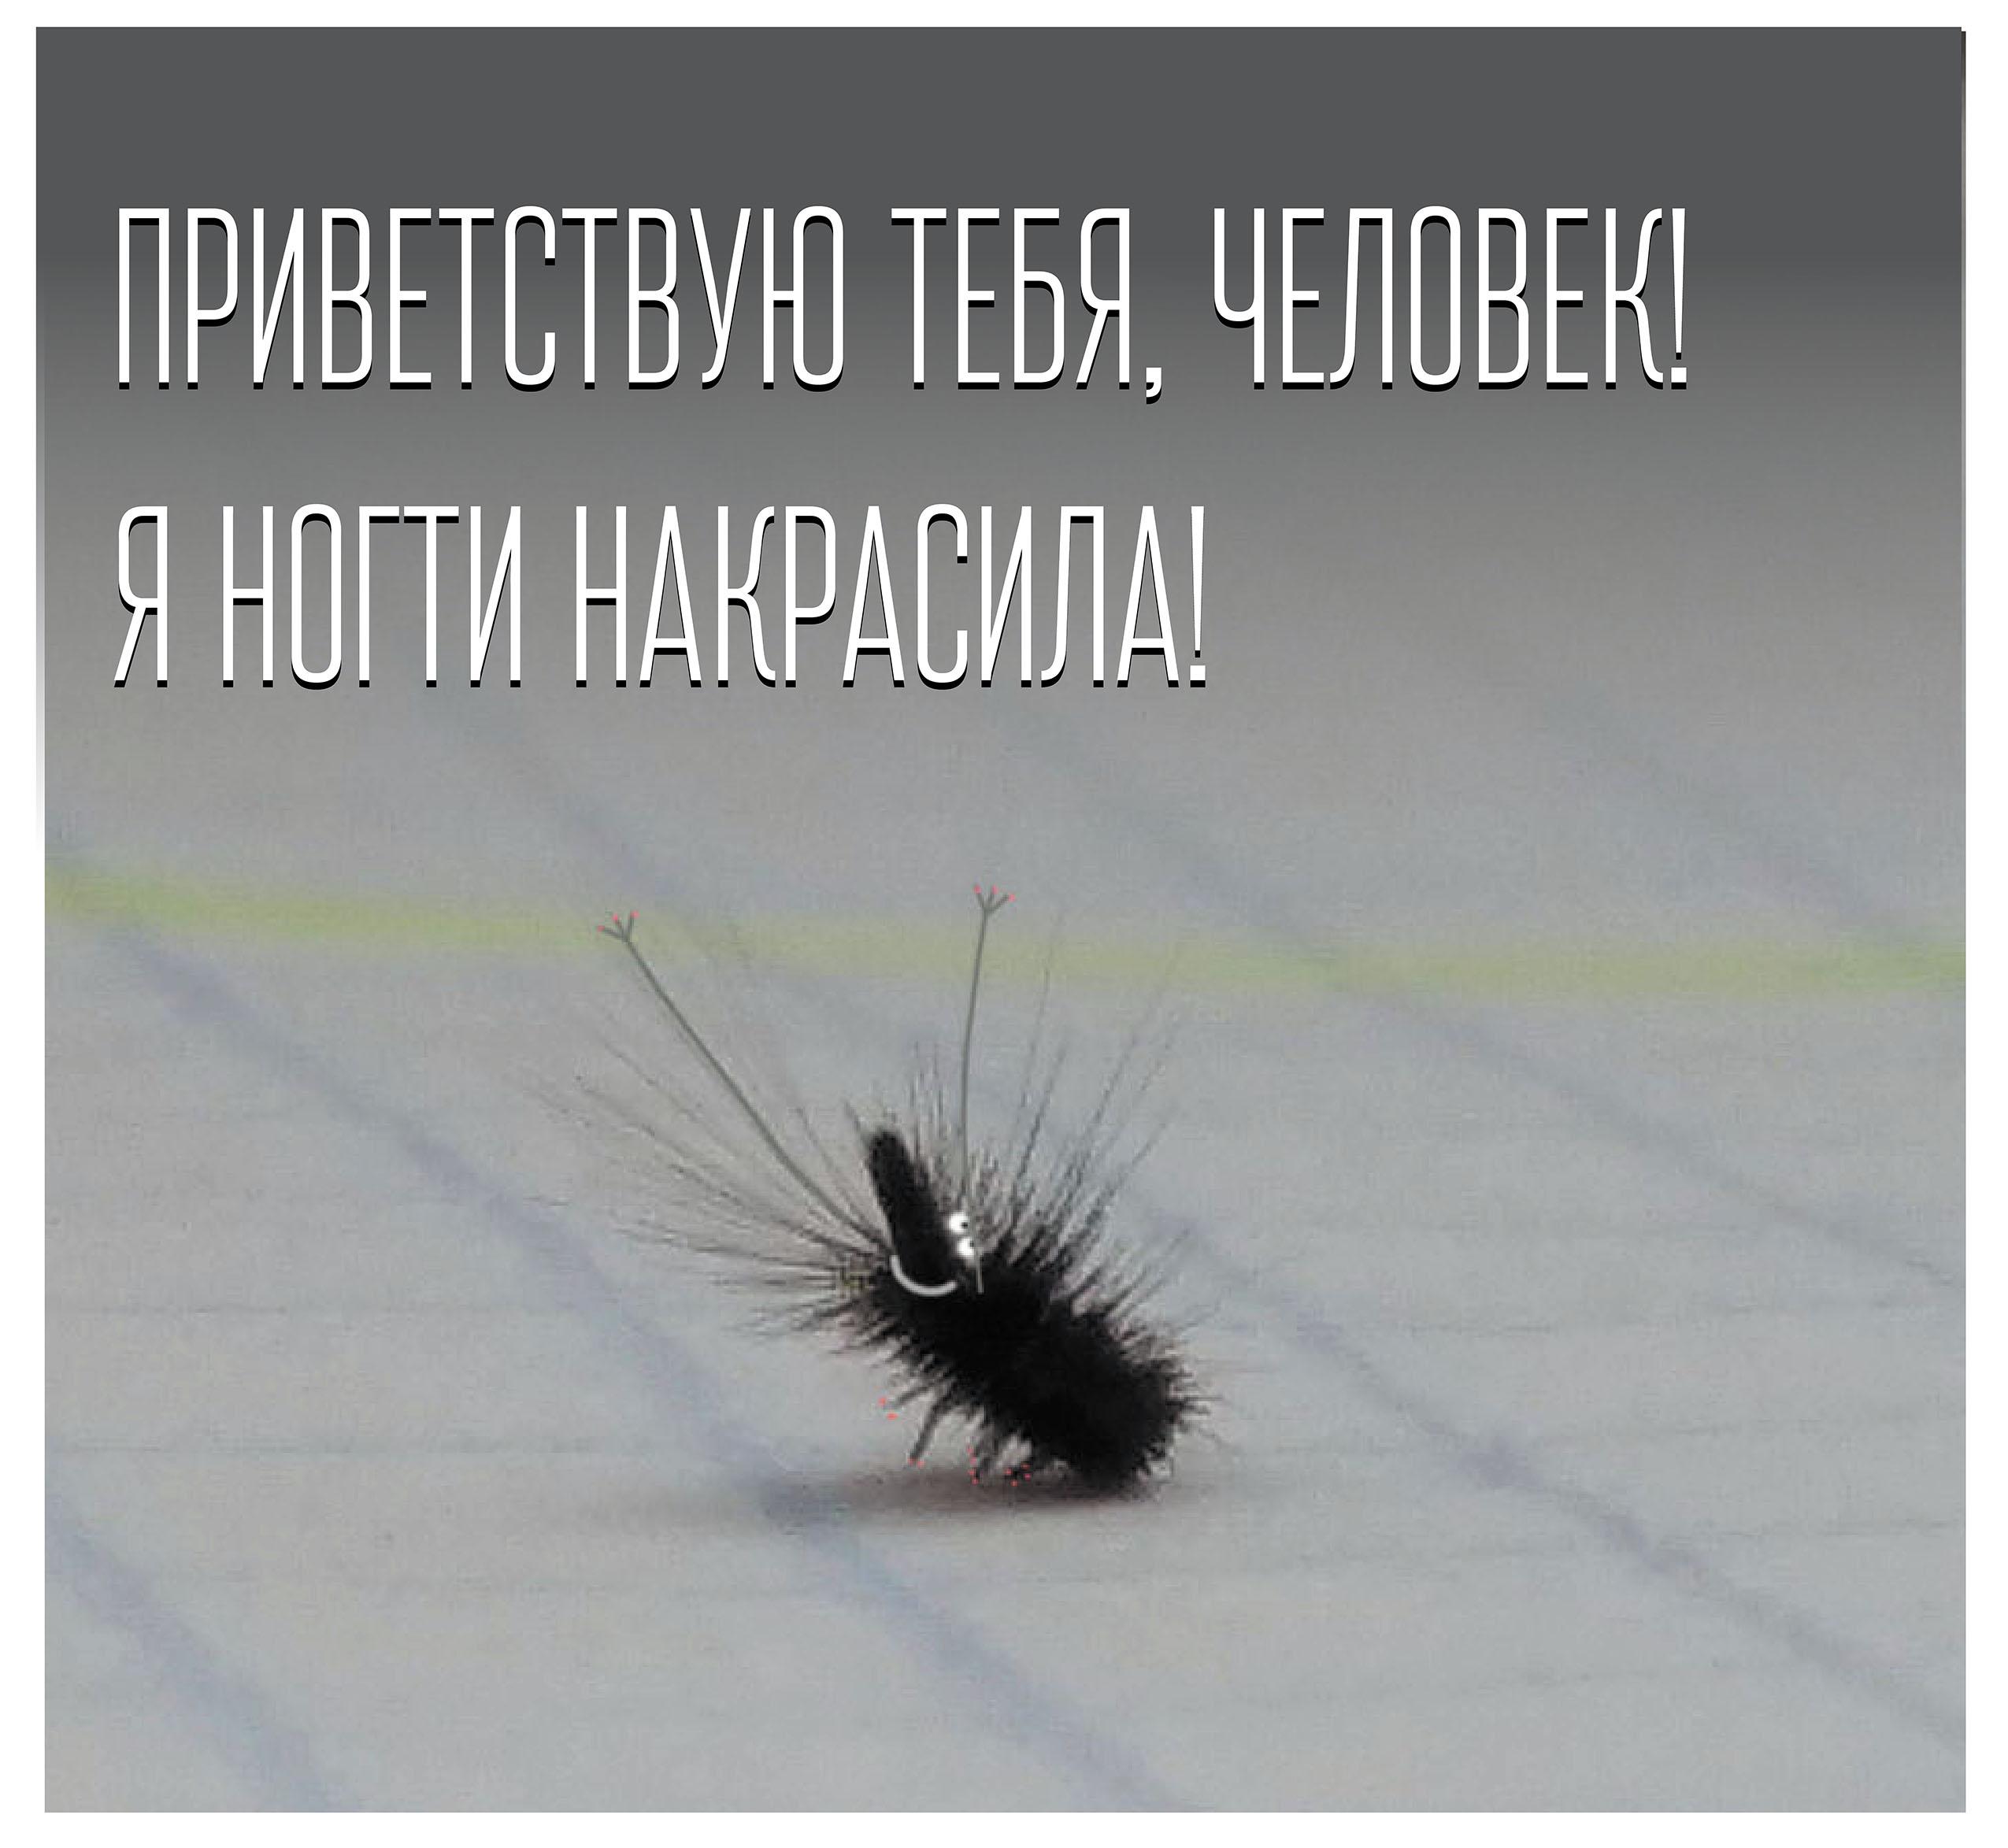 hol kezelik a pikkelysmr a Kaukzusban)